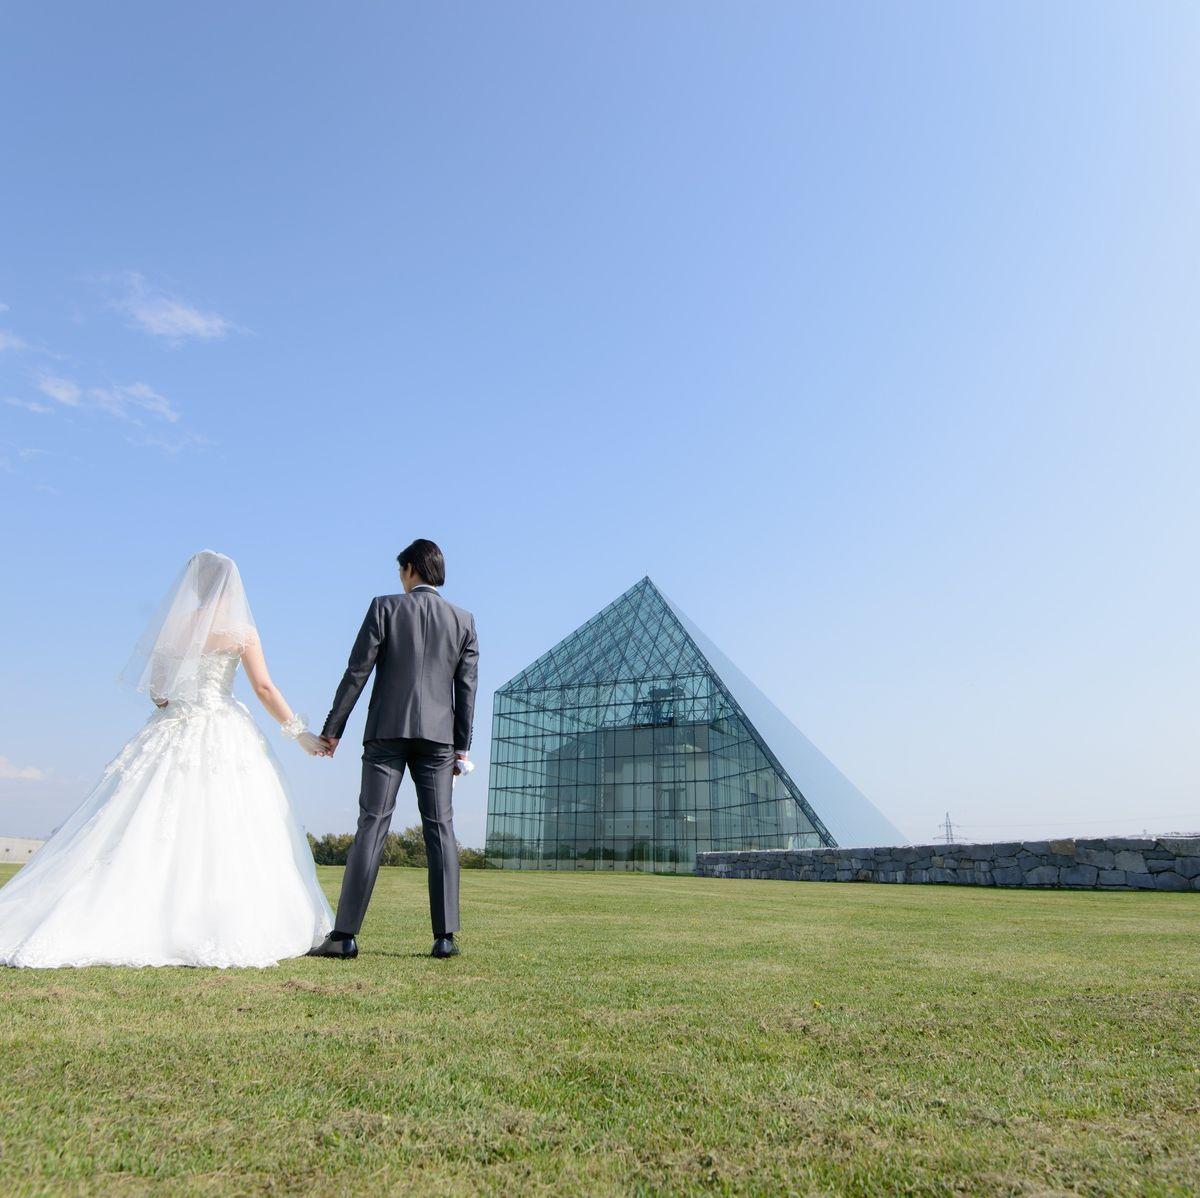 モエレ沼公園 ガラスのピラミッド(C.RELATIONSプロデュース)の公式写真1枚目